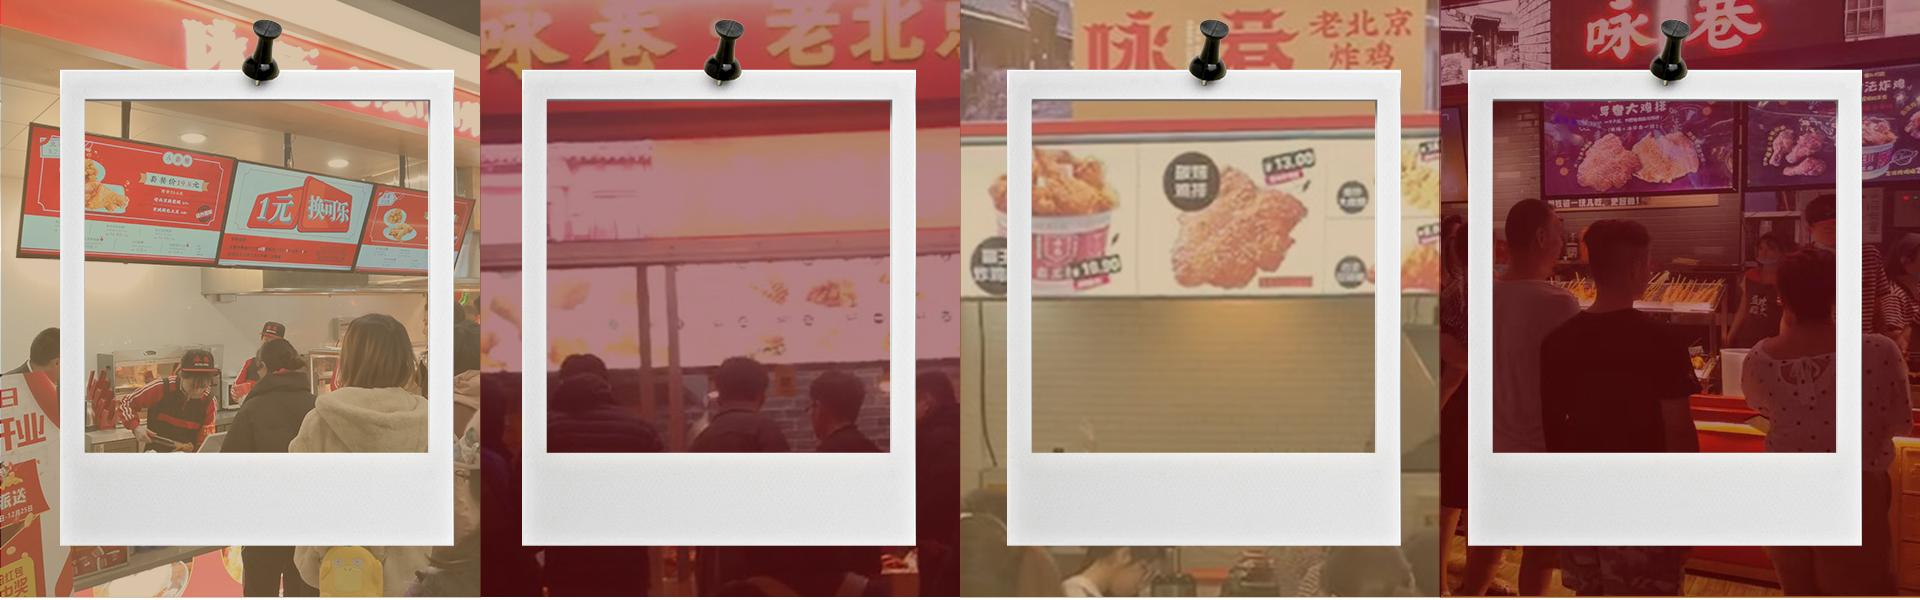 咏巷炸鸡加盟店